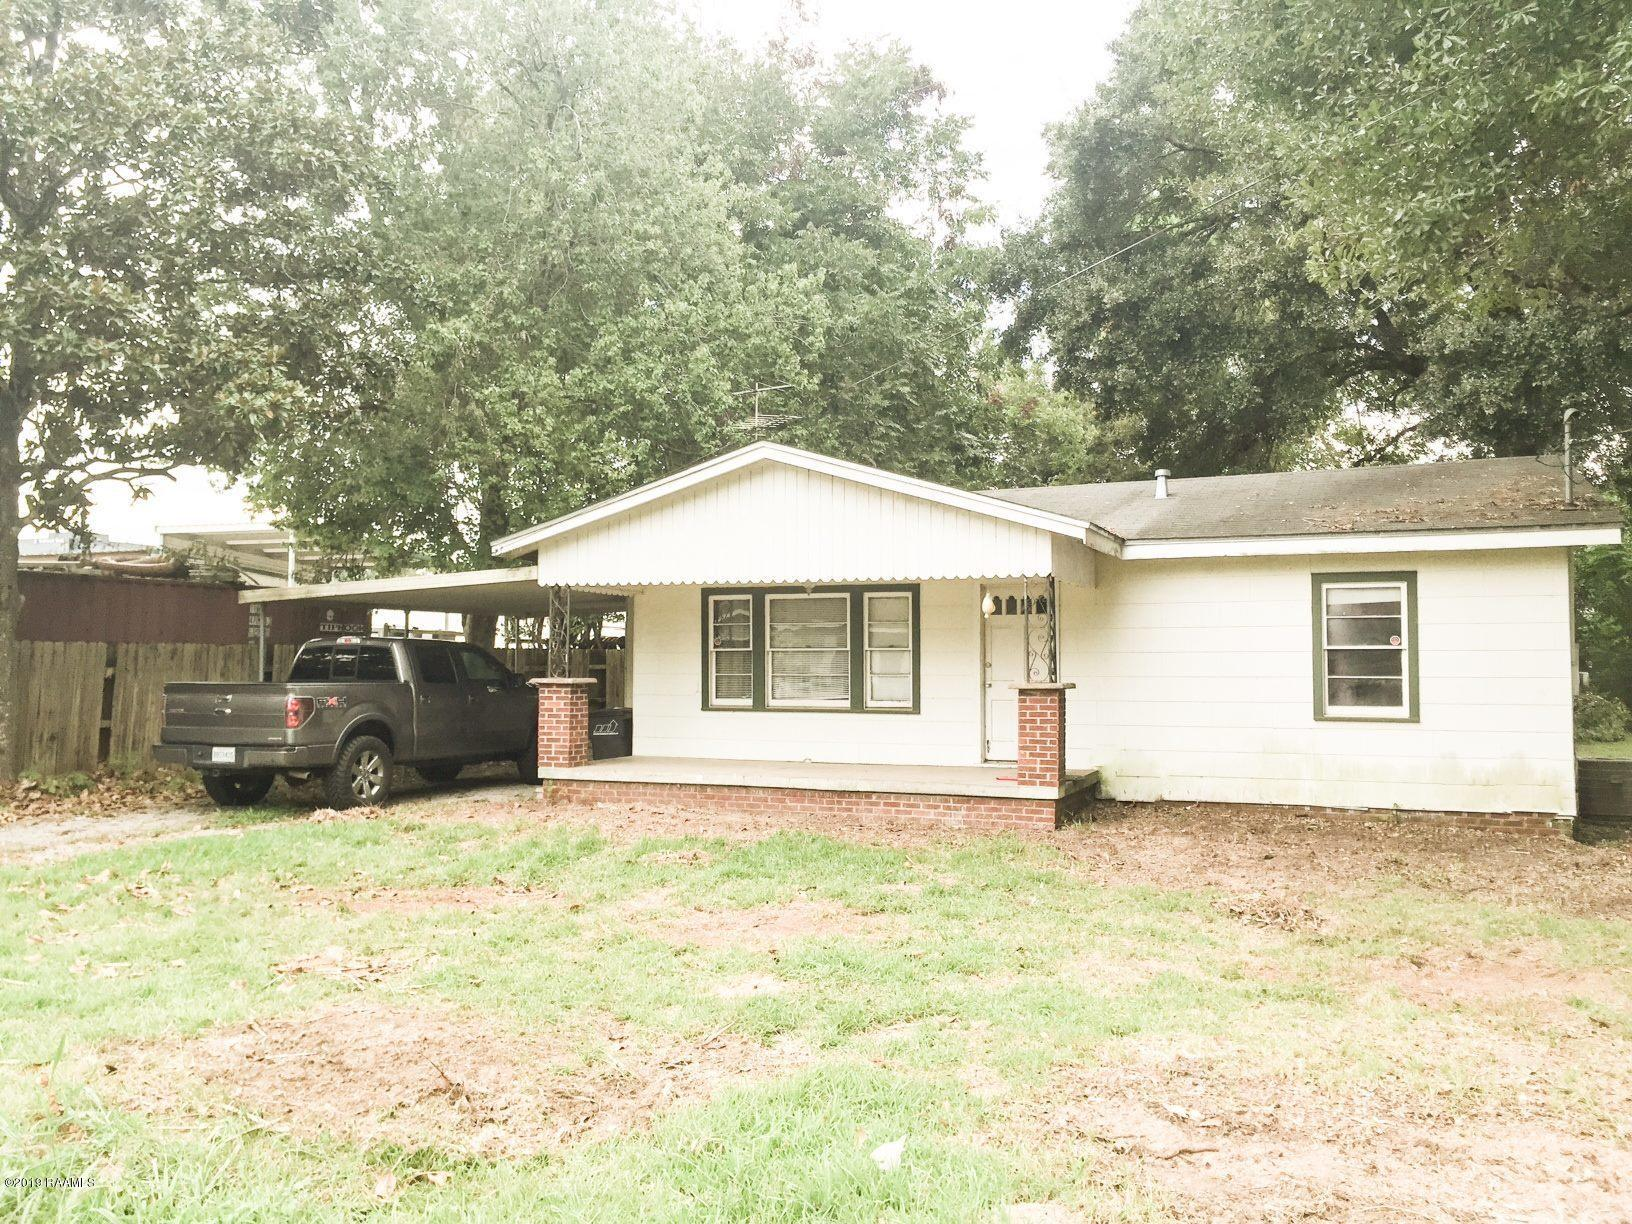 205 Wilcox, Lafayette, LA 70508 Photo #1